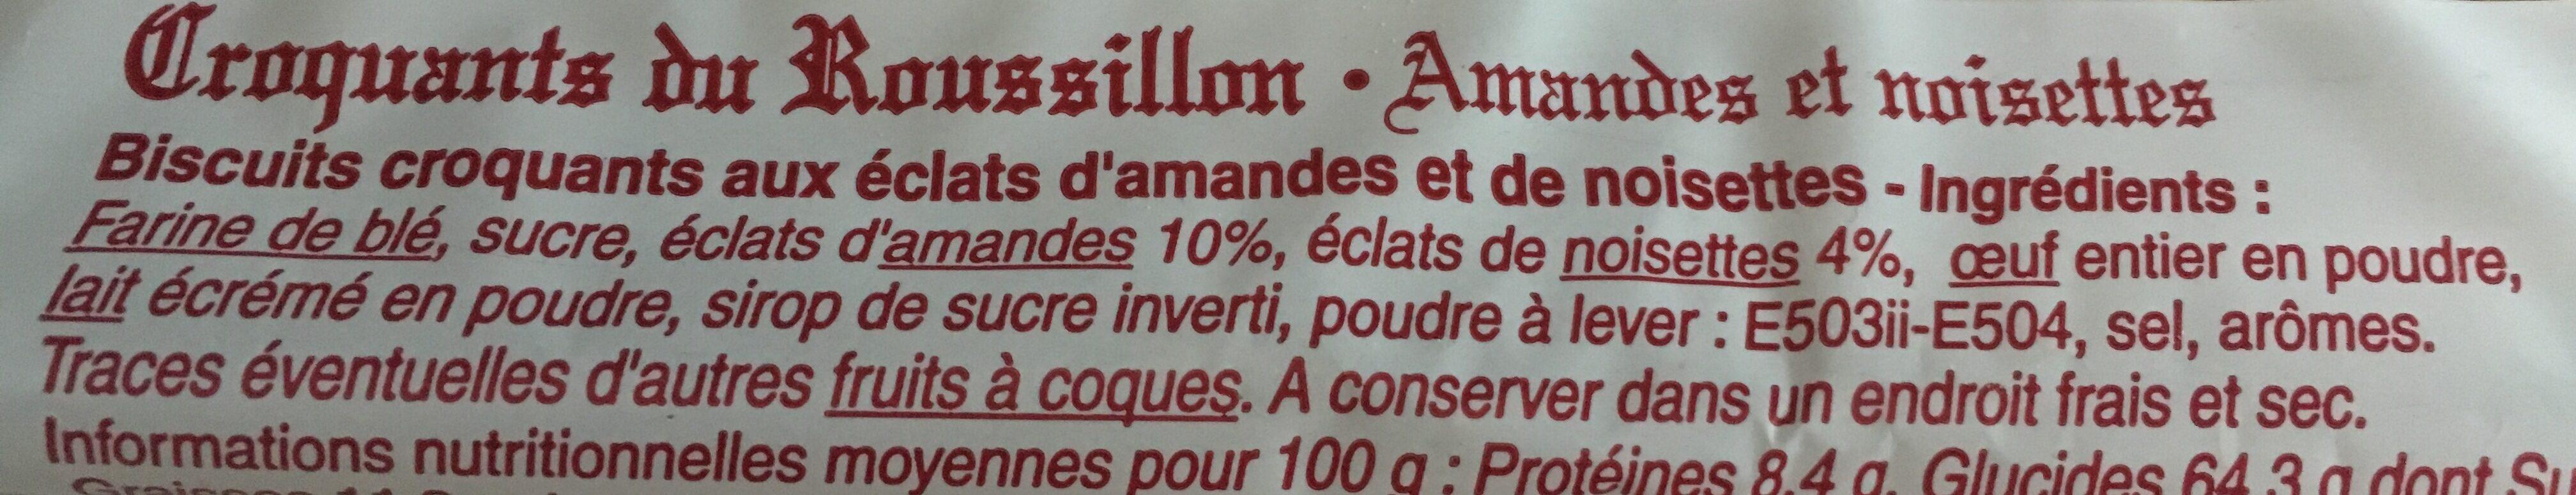 Croquants aux amandes et noisettes Lor - Ingredients